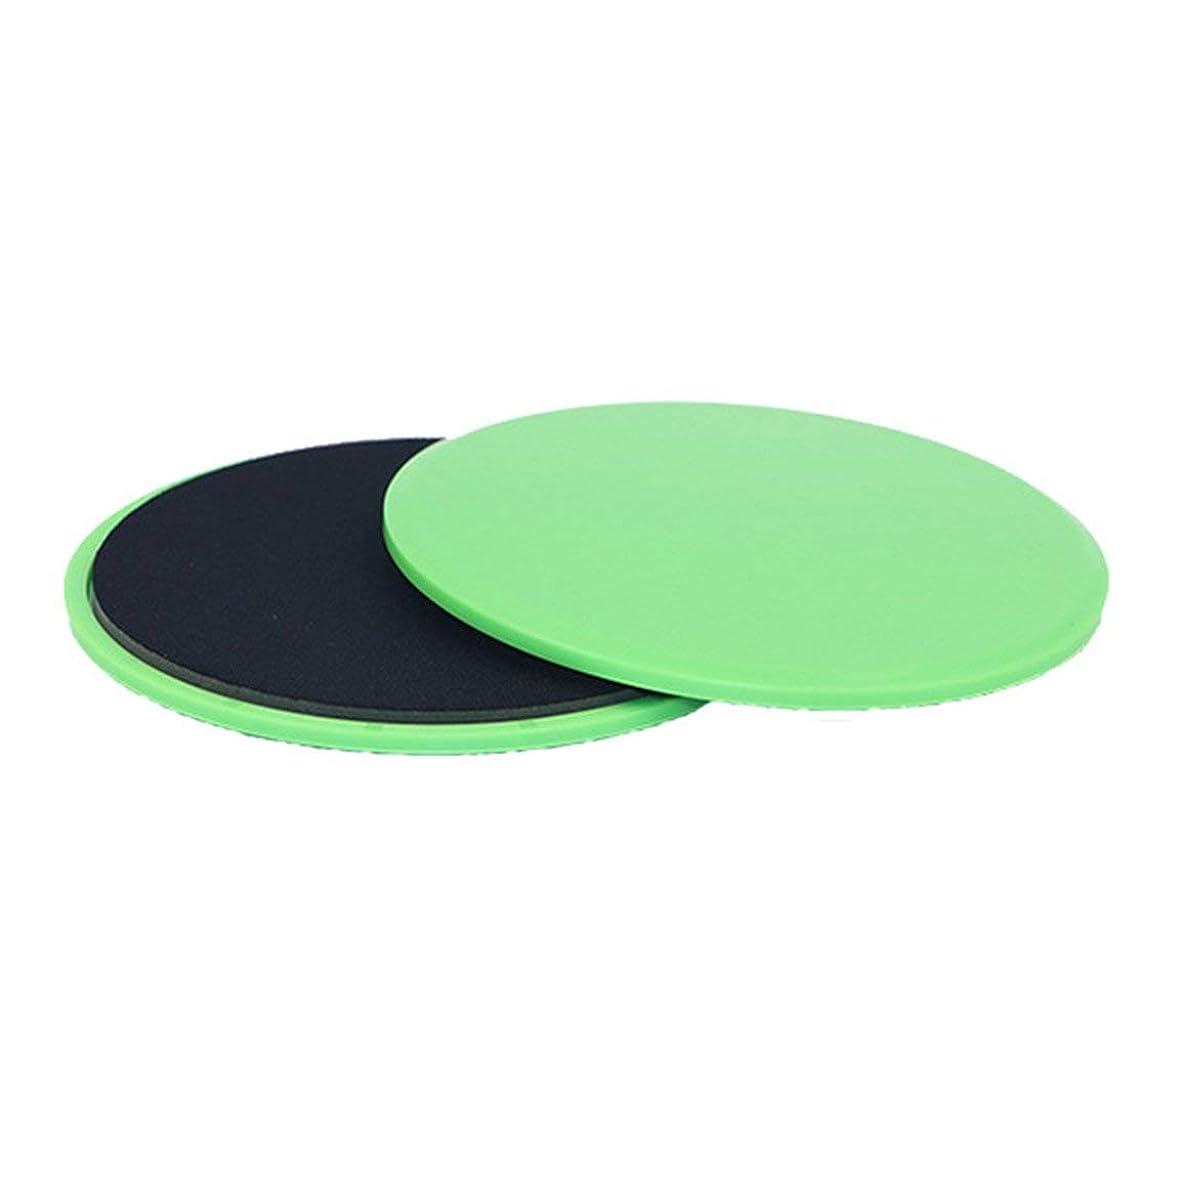 相手セミナー神聖フィットネススライドグライディングディスクコーディネーション能力フィットネスエクササイズスライダーコアトレーニング用腹部と全身トレーニング - グリーン